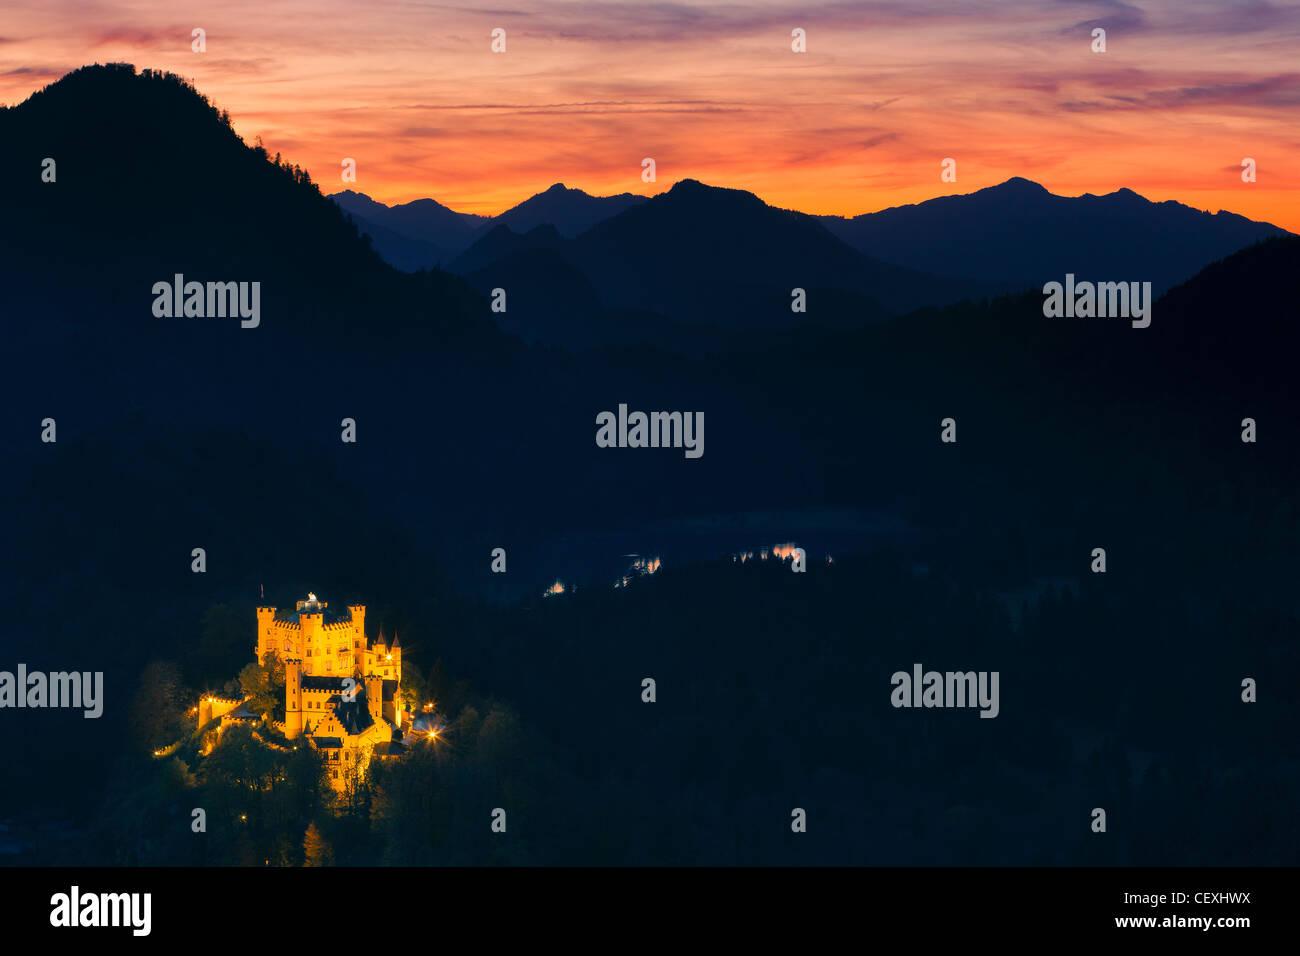 Castillo Hohenschwangau, Allgau, Baviera, Alemania Imagen De Stock